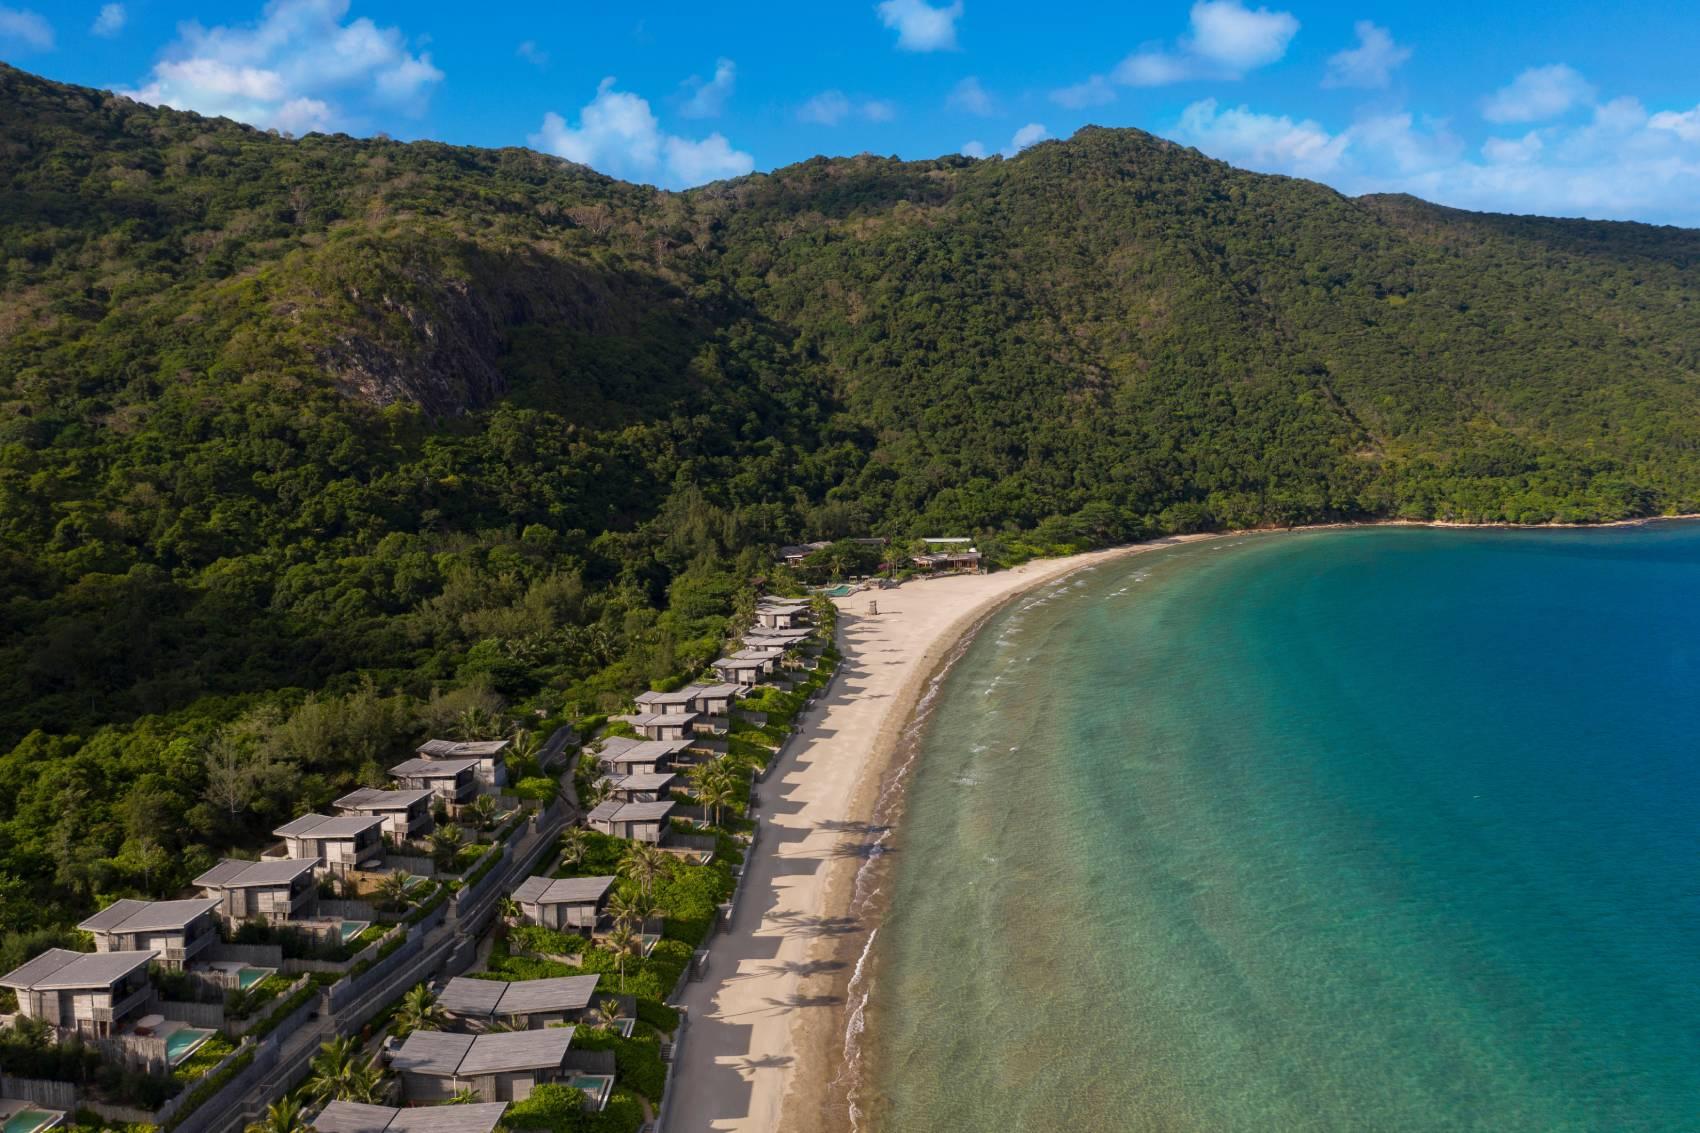 Khung cảnh thanh bình của Six Senses Côn Đảo Resort trên hòn đảo xinh đẹp